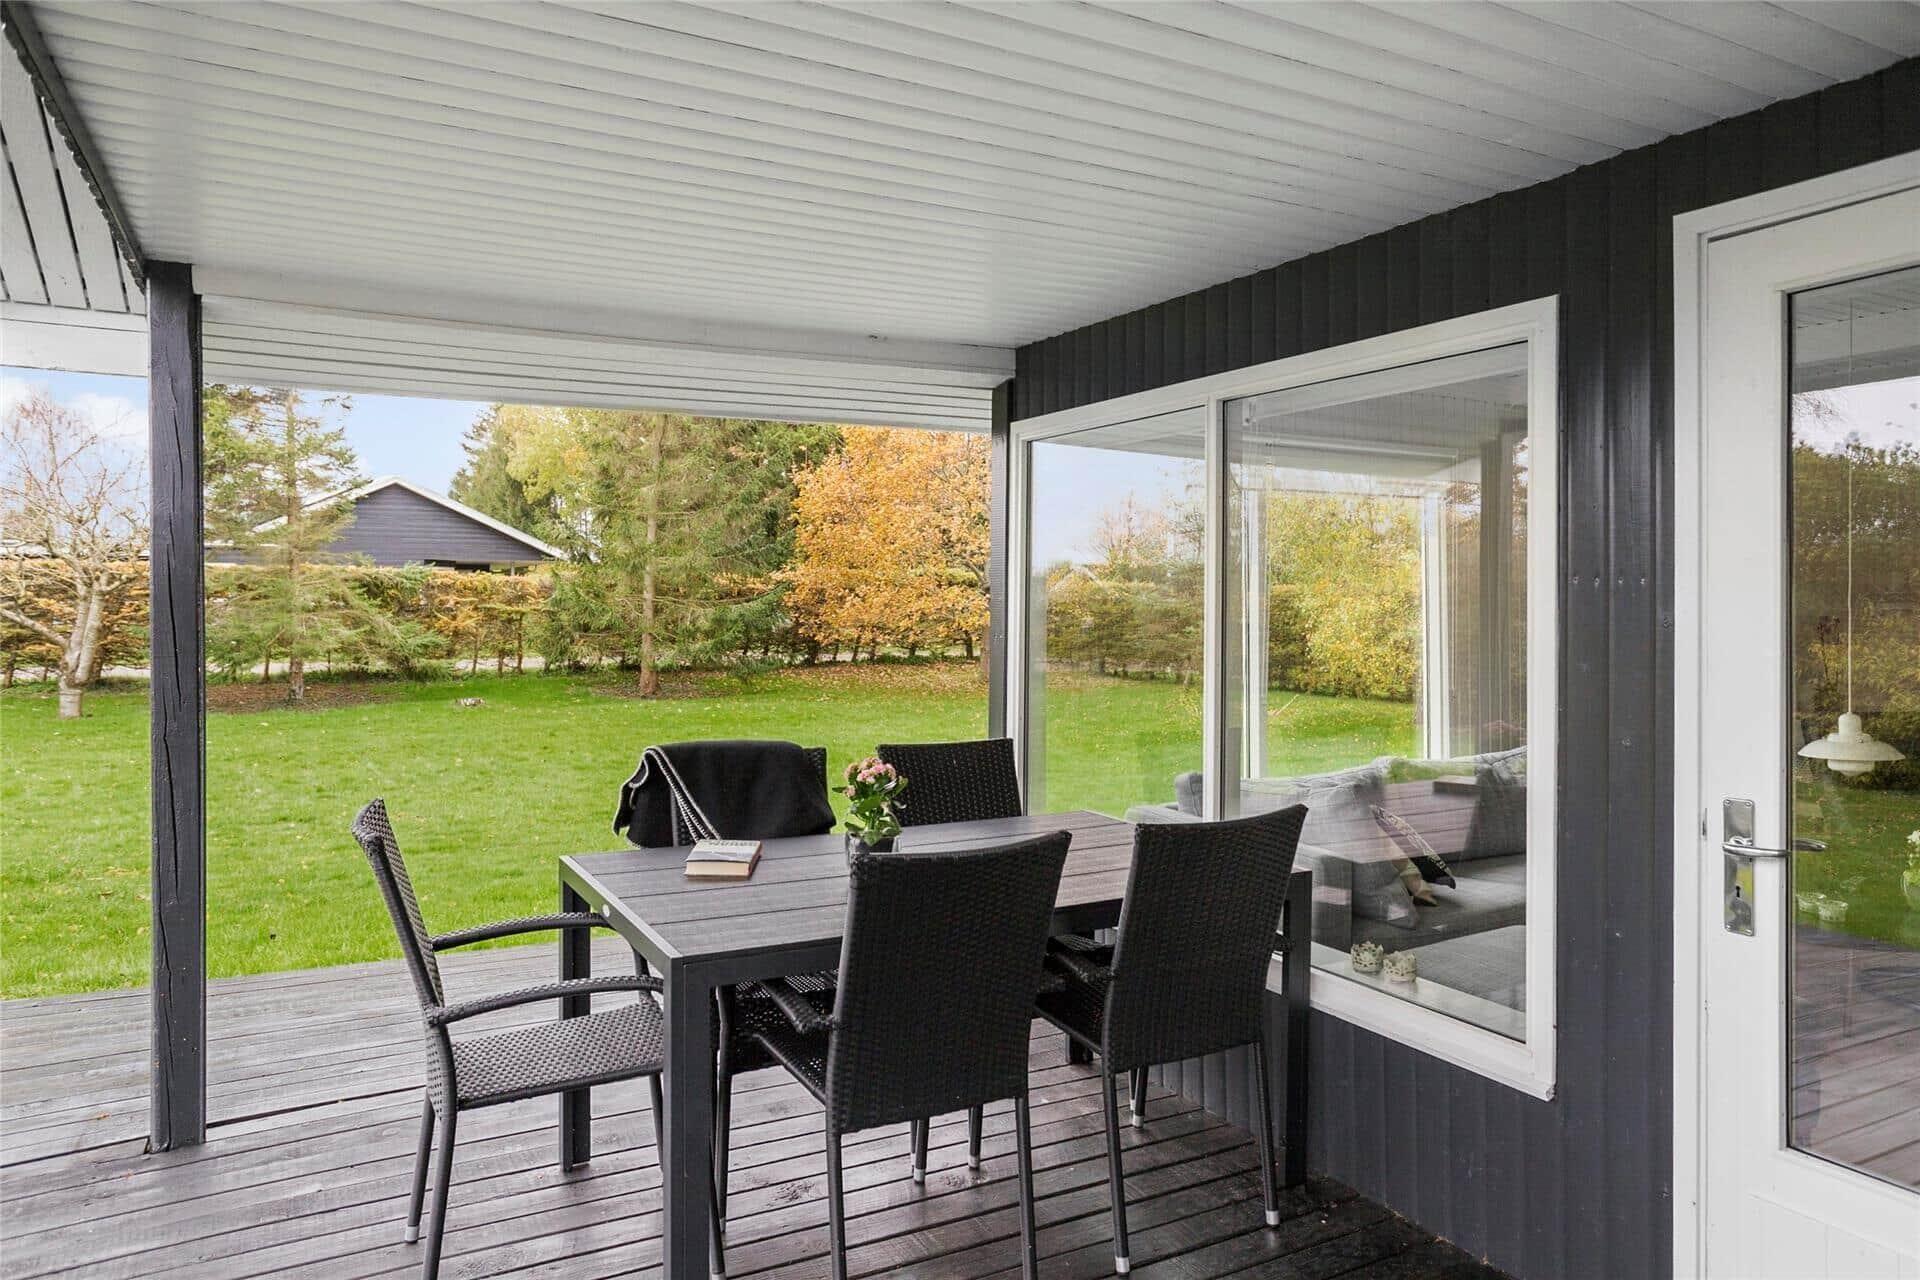 Billede 1-19 Sommerhus 30500, Engagervej 41, DK - 8300 Odder